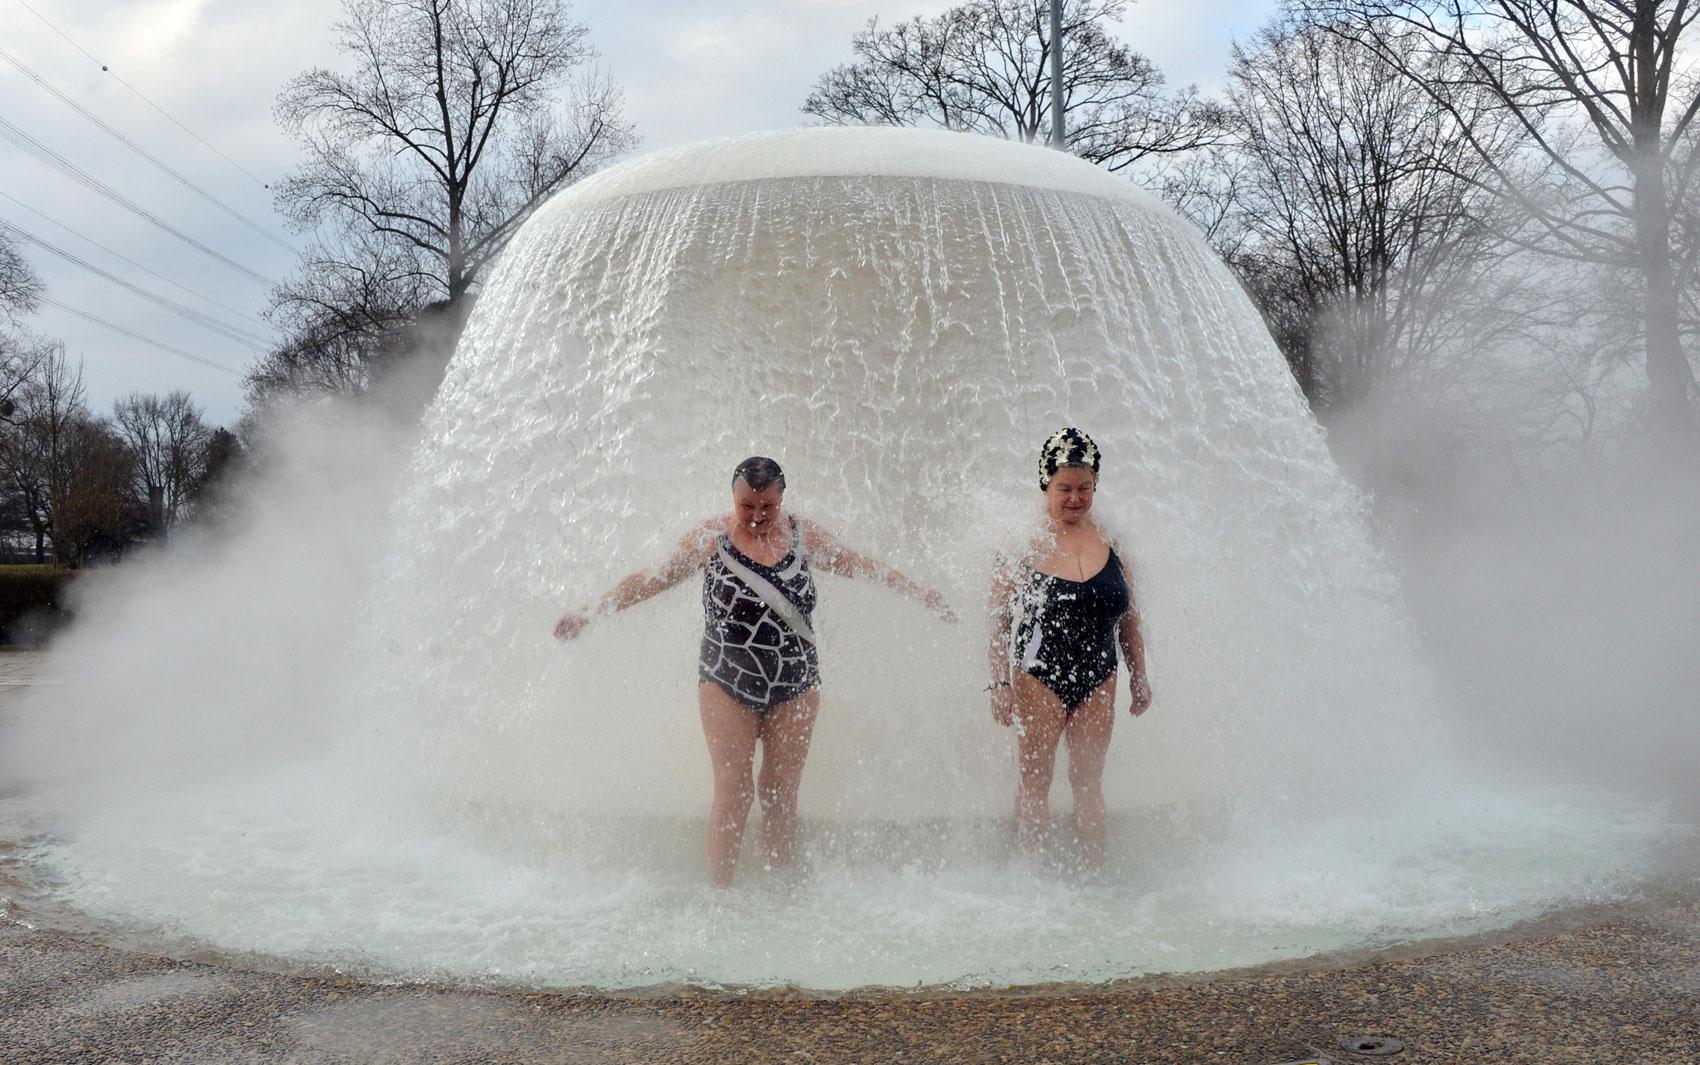 Mulheres se banham na fonte recreativa Sonnenbad ('banho de sol', em alemão), a temperatura ambiente pouco abaixo de 0° C, na reabertura do espaço em Karlsruhe, Alemanha. É o primeiro espaço recreativo com água a reabrir na cidade após fechar no inverno.